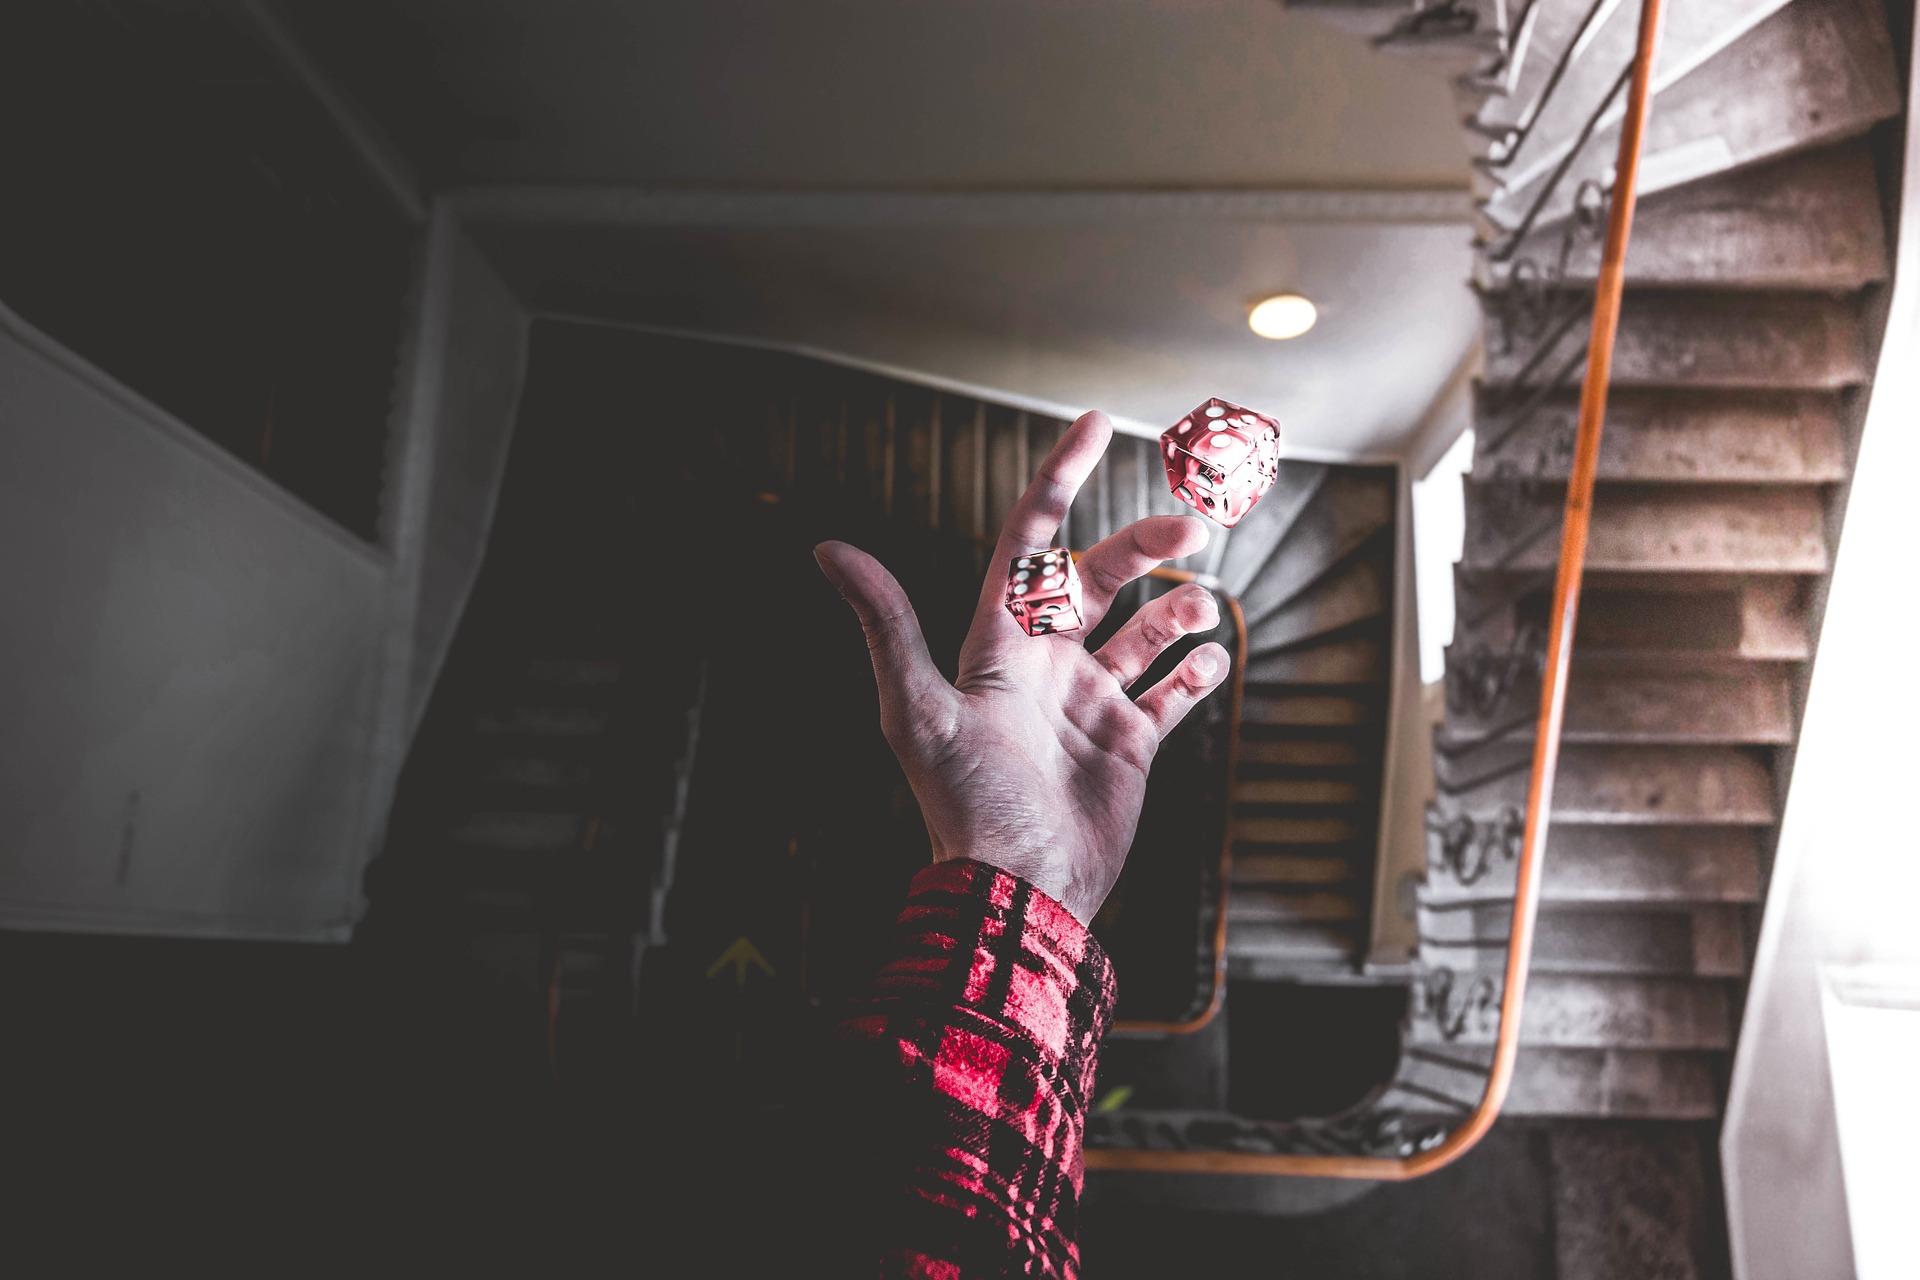 dobókockák kézben